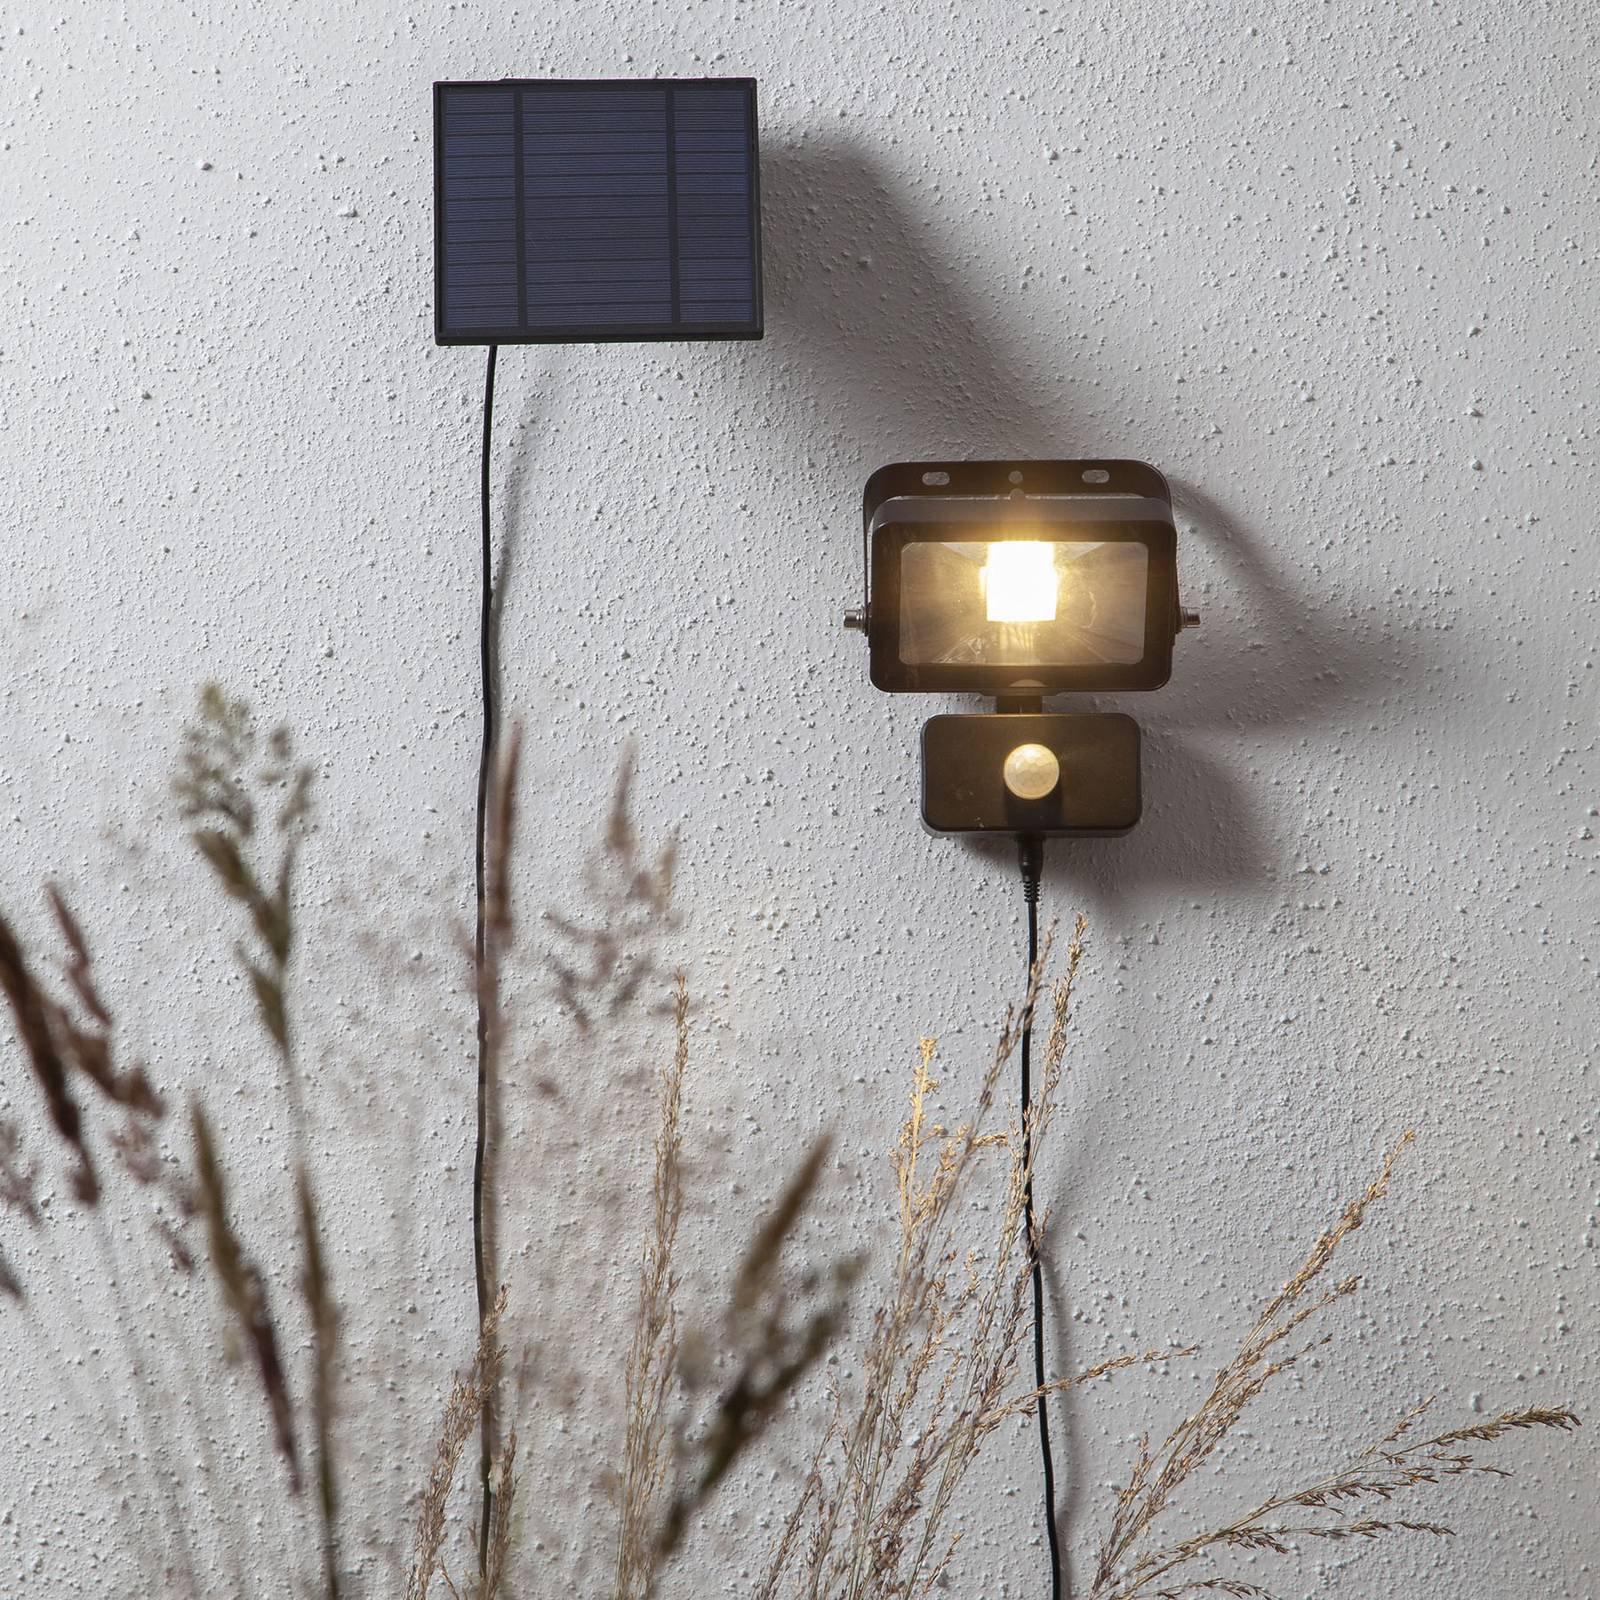 LED-sollampe Powerspot Sensor med bøyle 800 lm